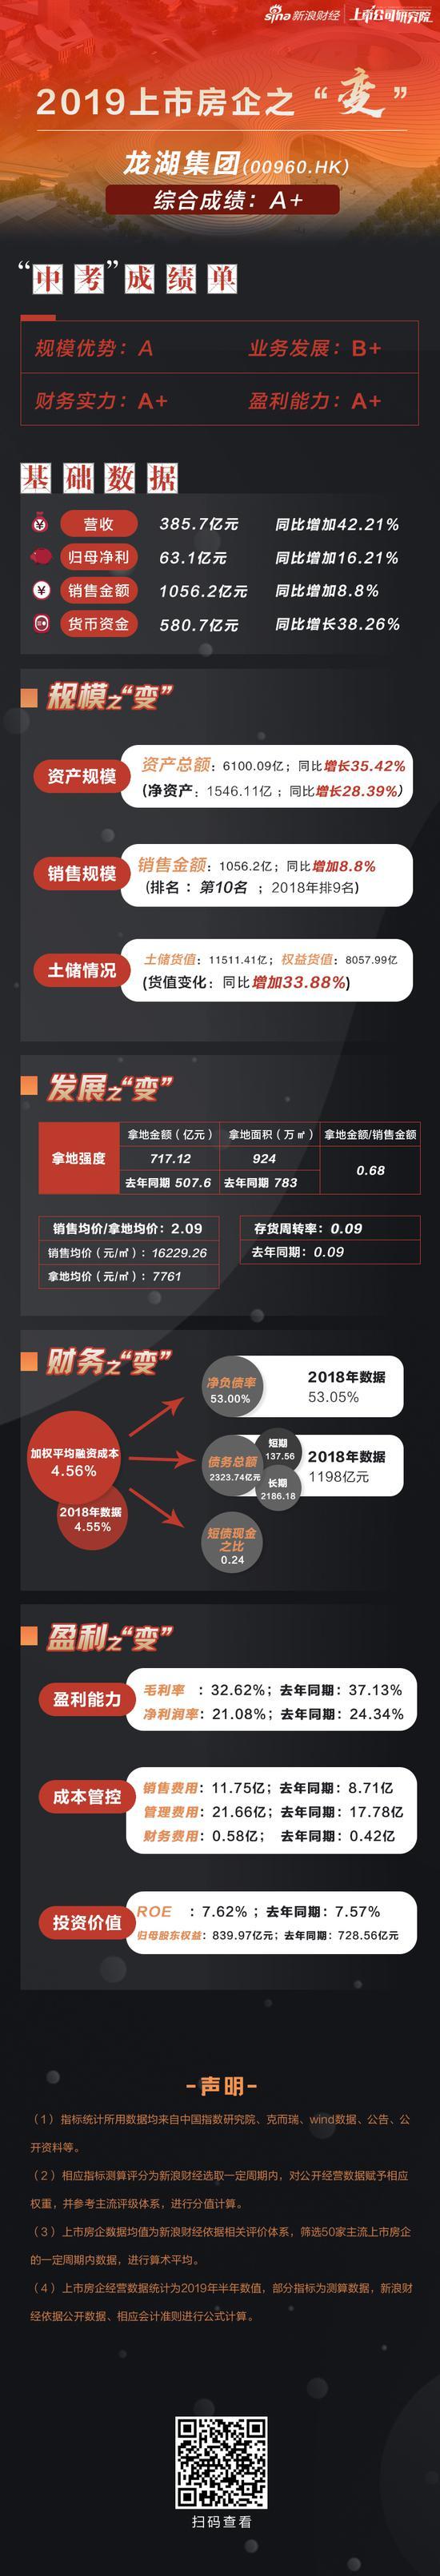 天齐集团上半年业绩大跌6成 旗下天齐锂业现金流腰斩